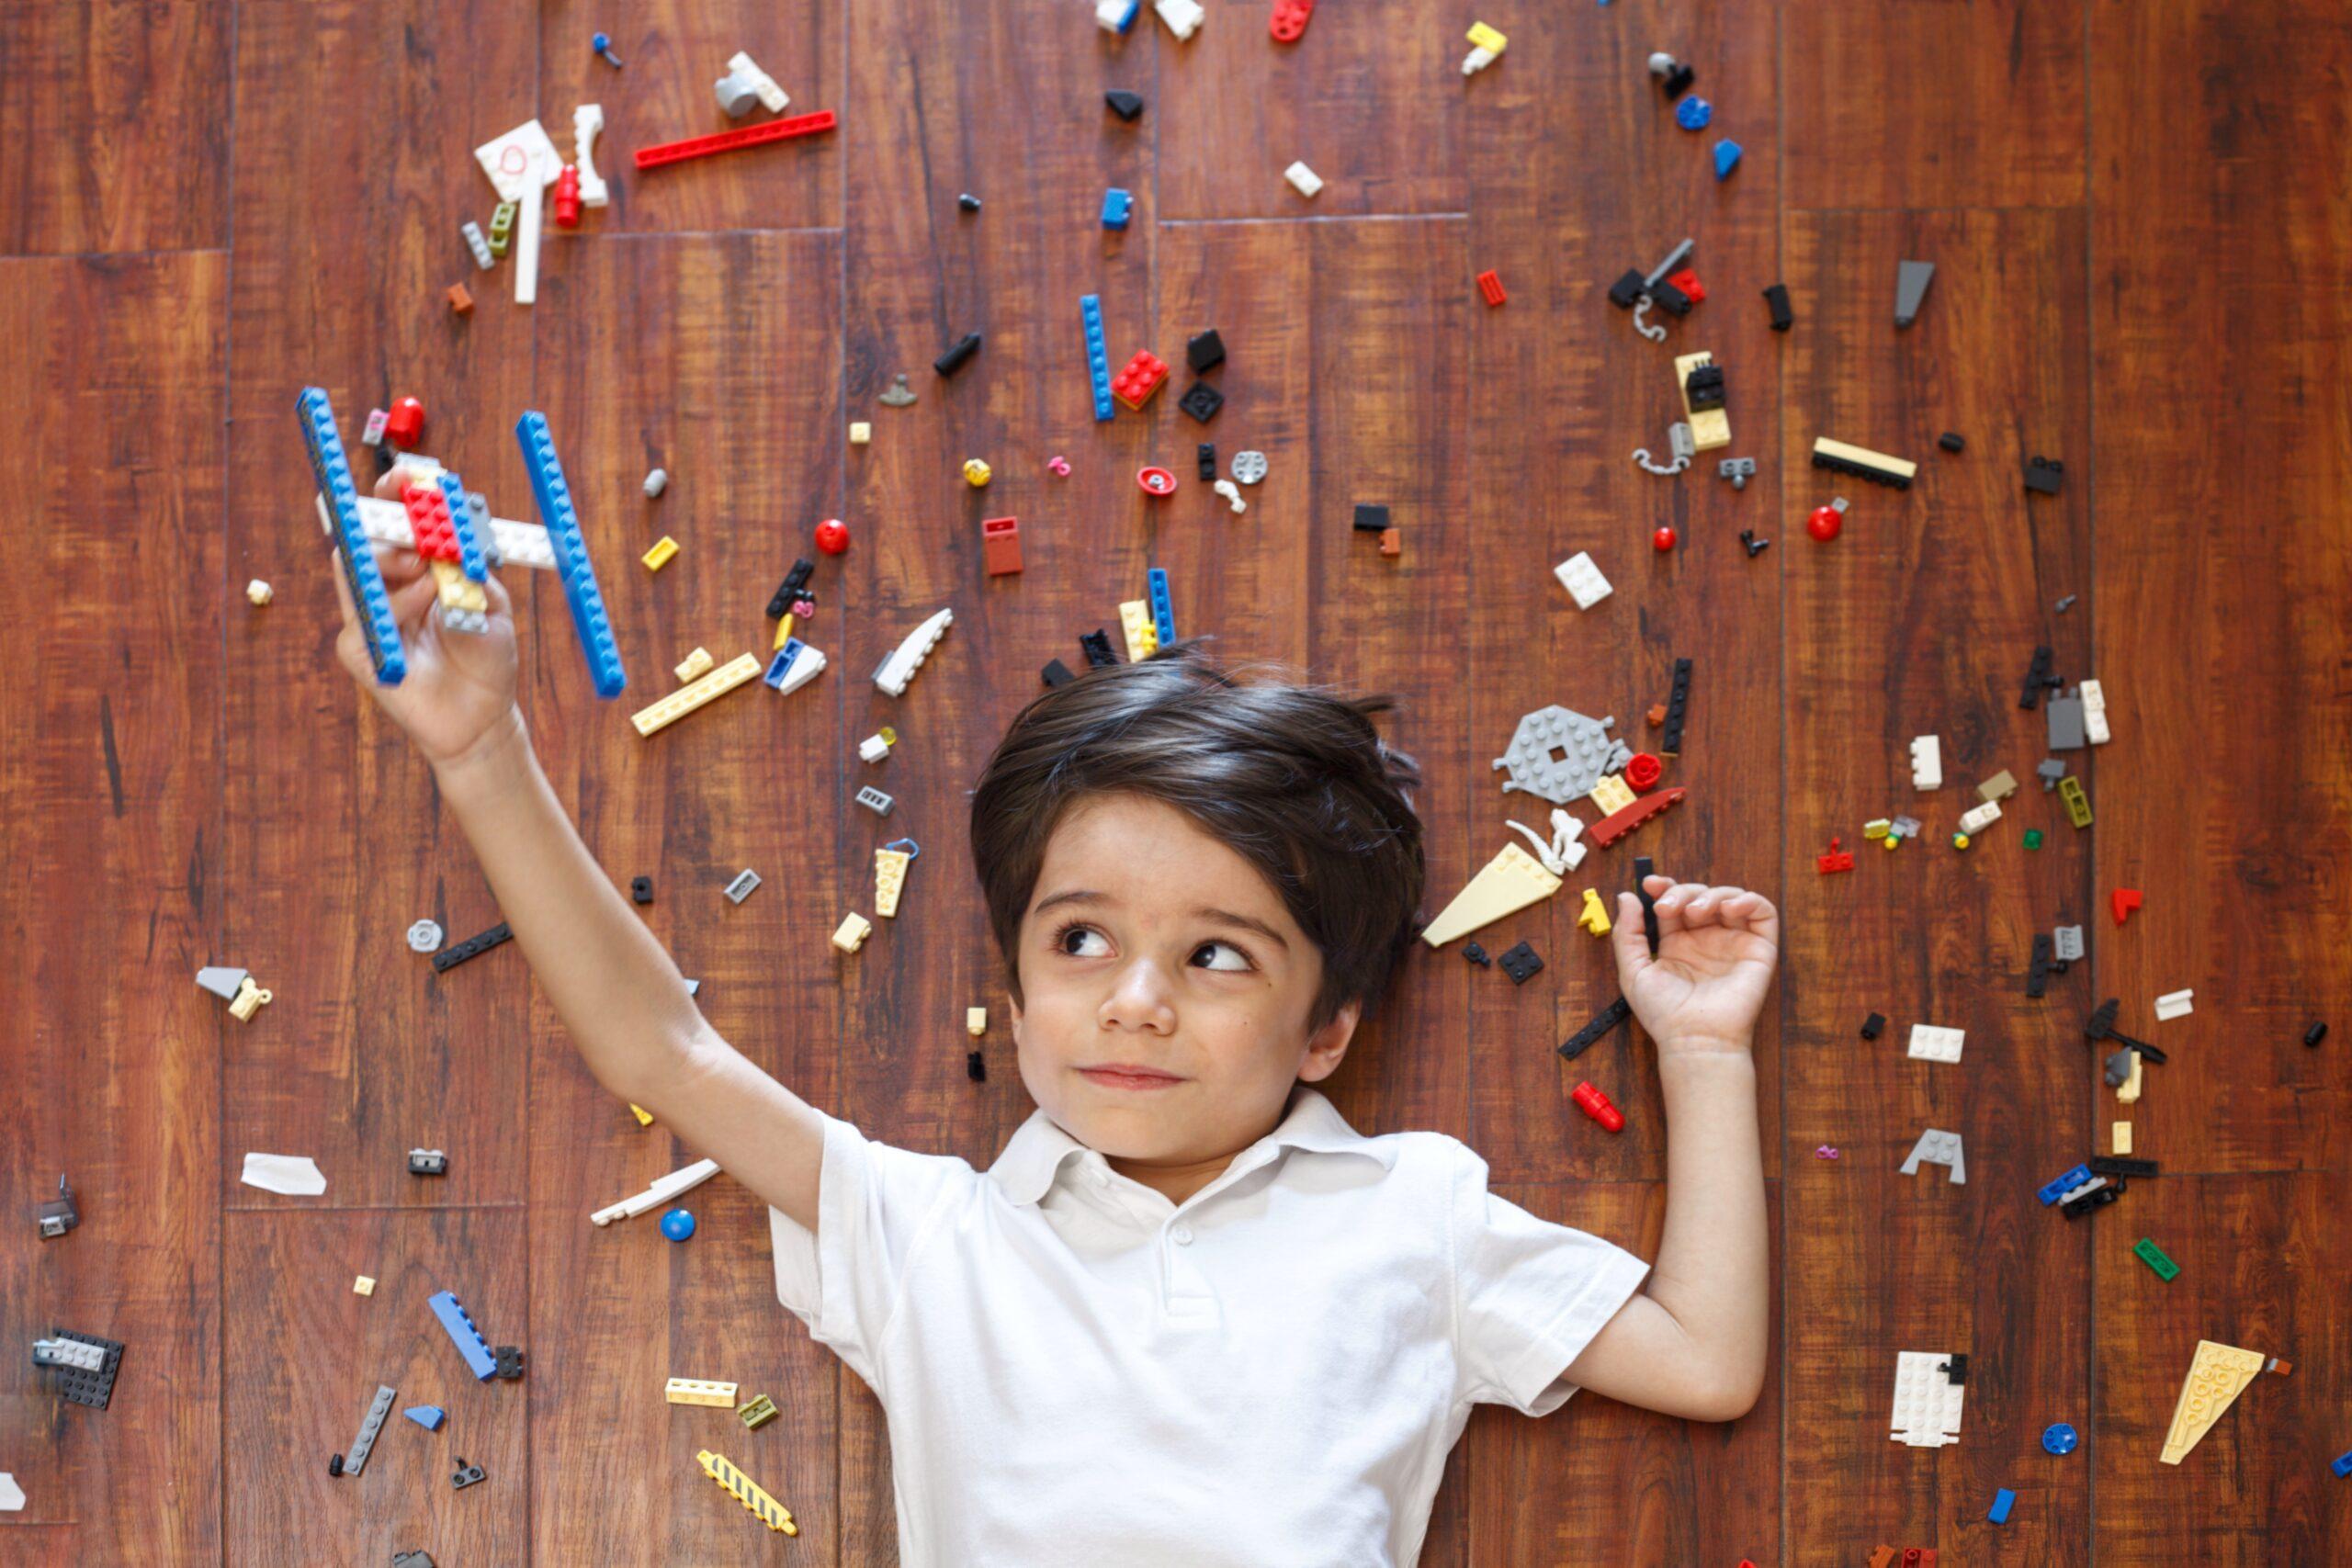 【親子教養錦囊】解開成長關鍵密碼:3-6歲幼齡身心發展歷程大探索(中篇)